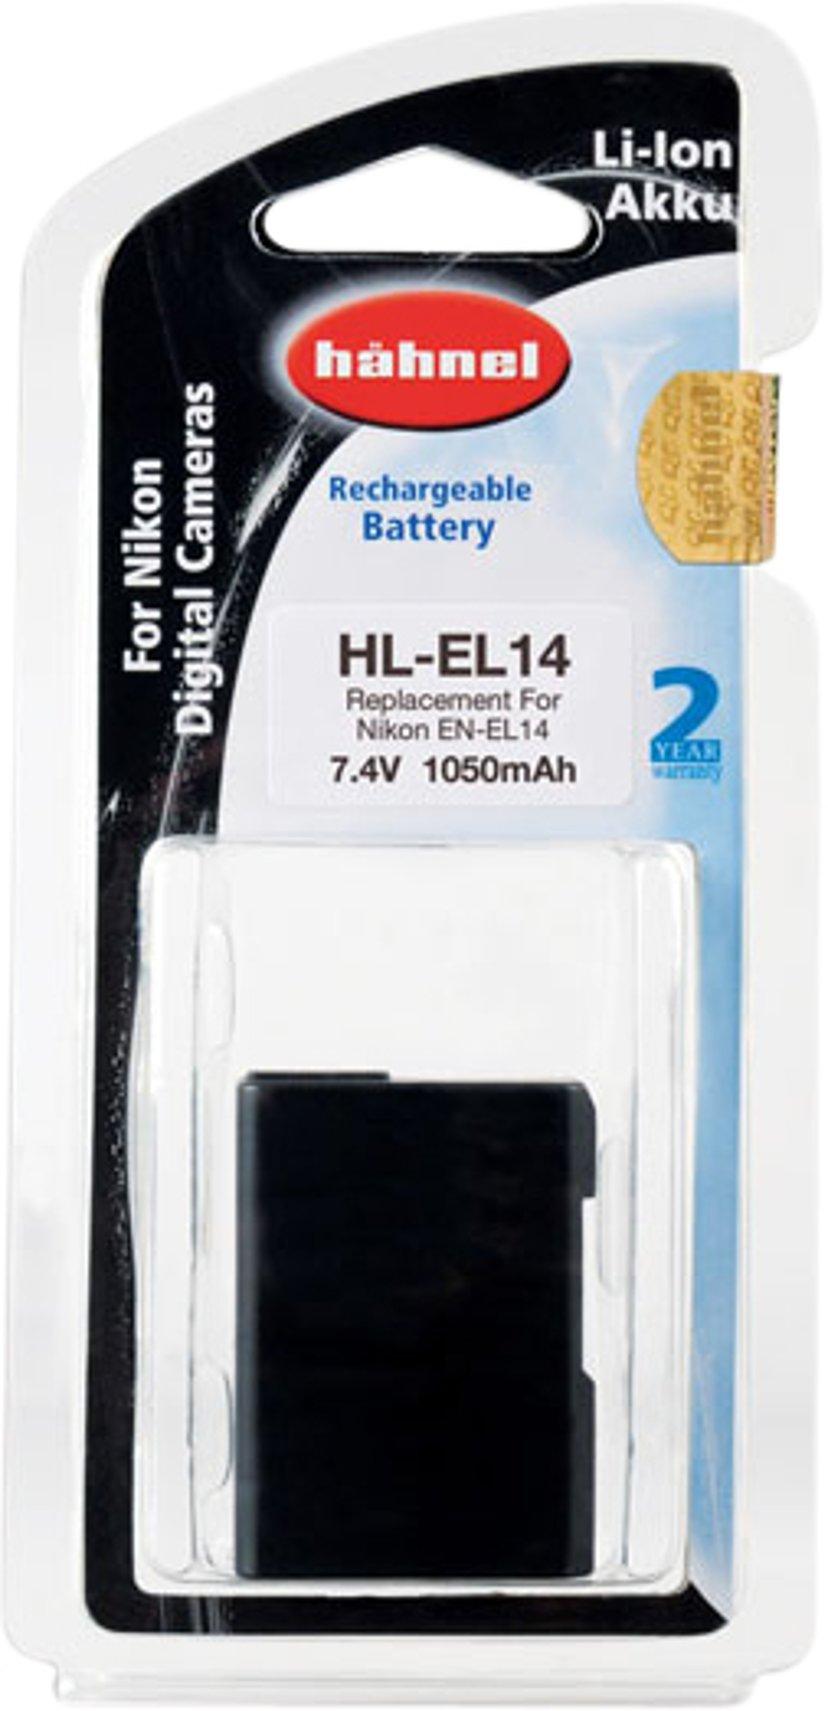 Hähnel Nikon HL-EL14 Battery